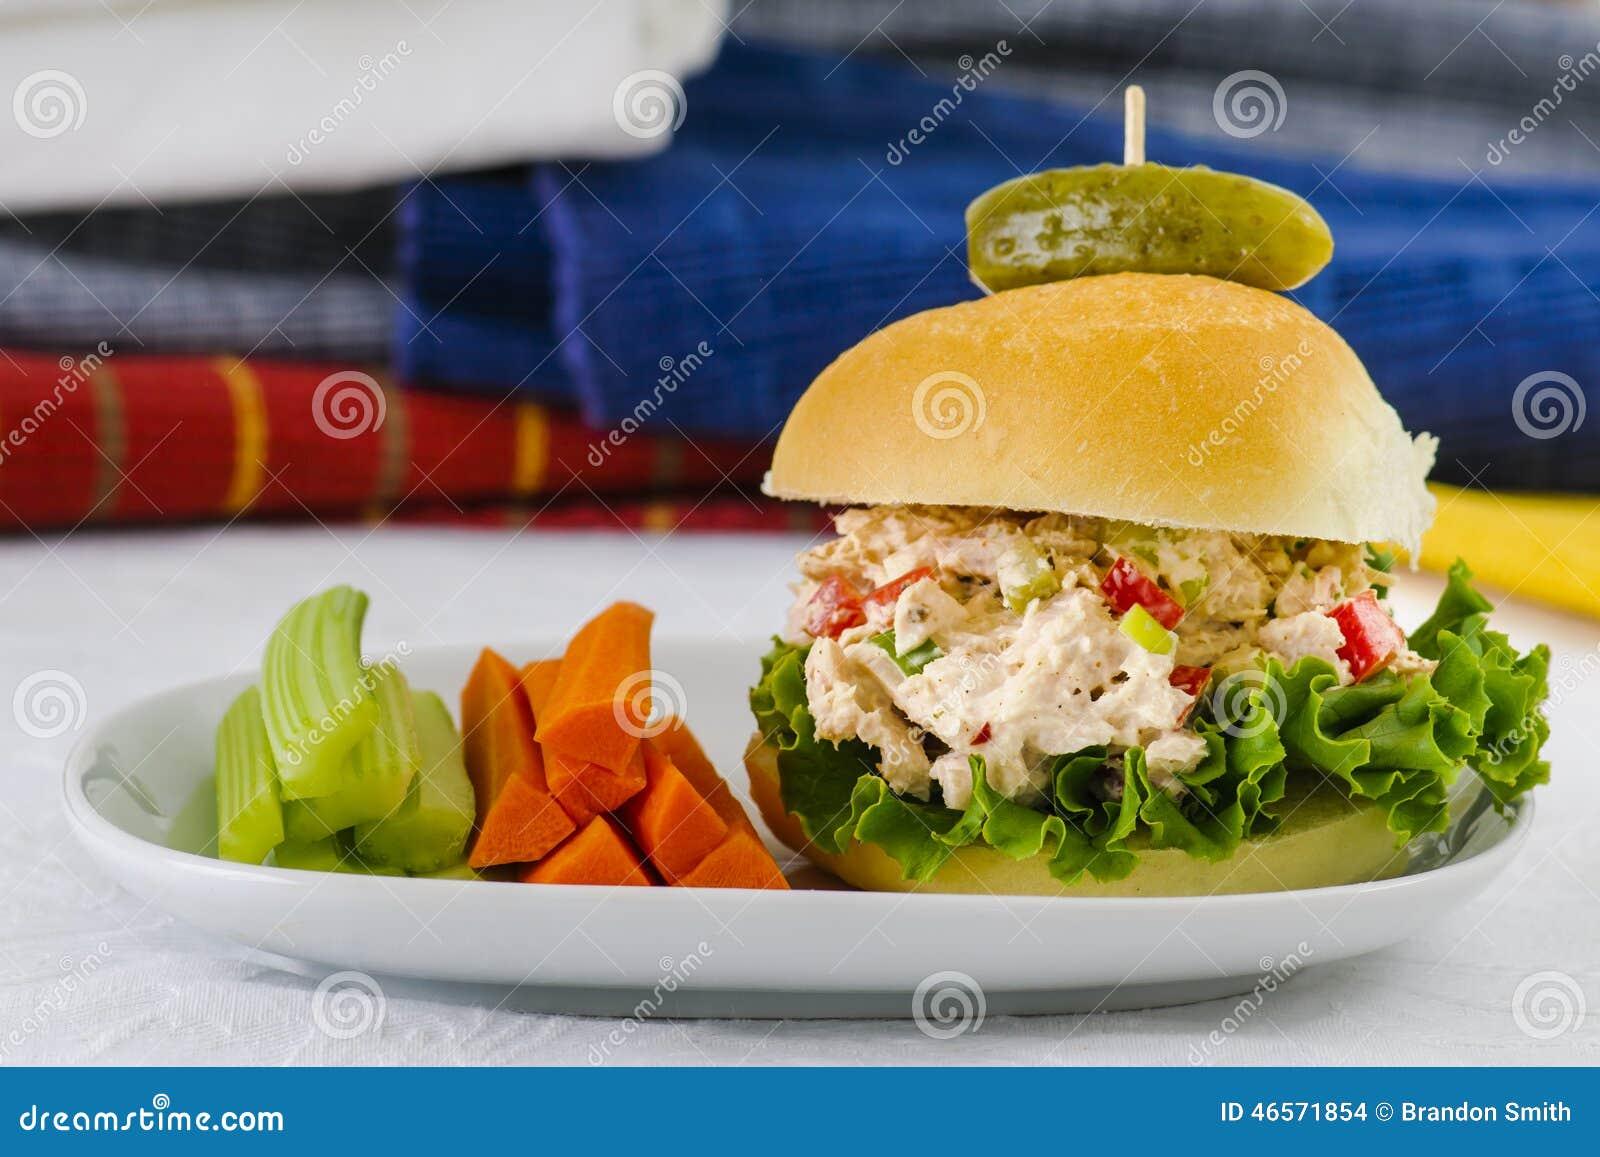 Lunch Tid Tuna Salad Sandwich